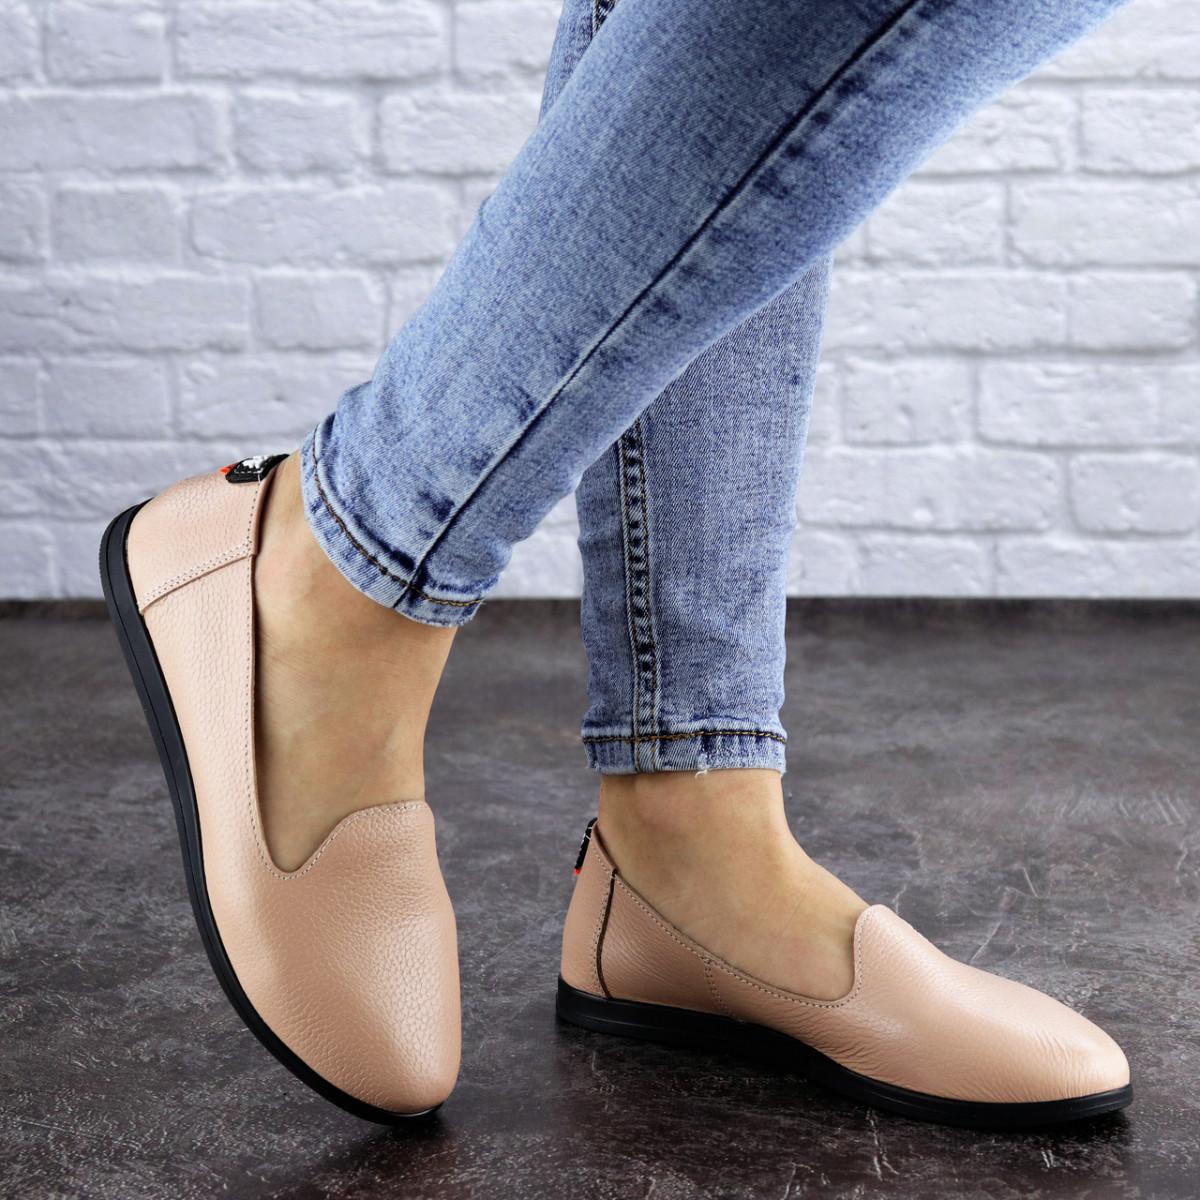 Женские туфли кожаные бежевые Fletcher 1954 (36 размер)